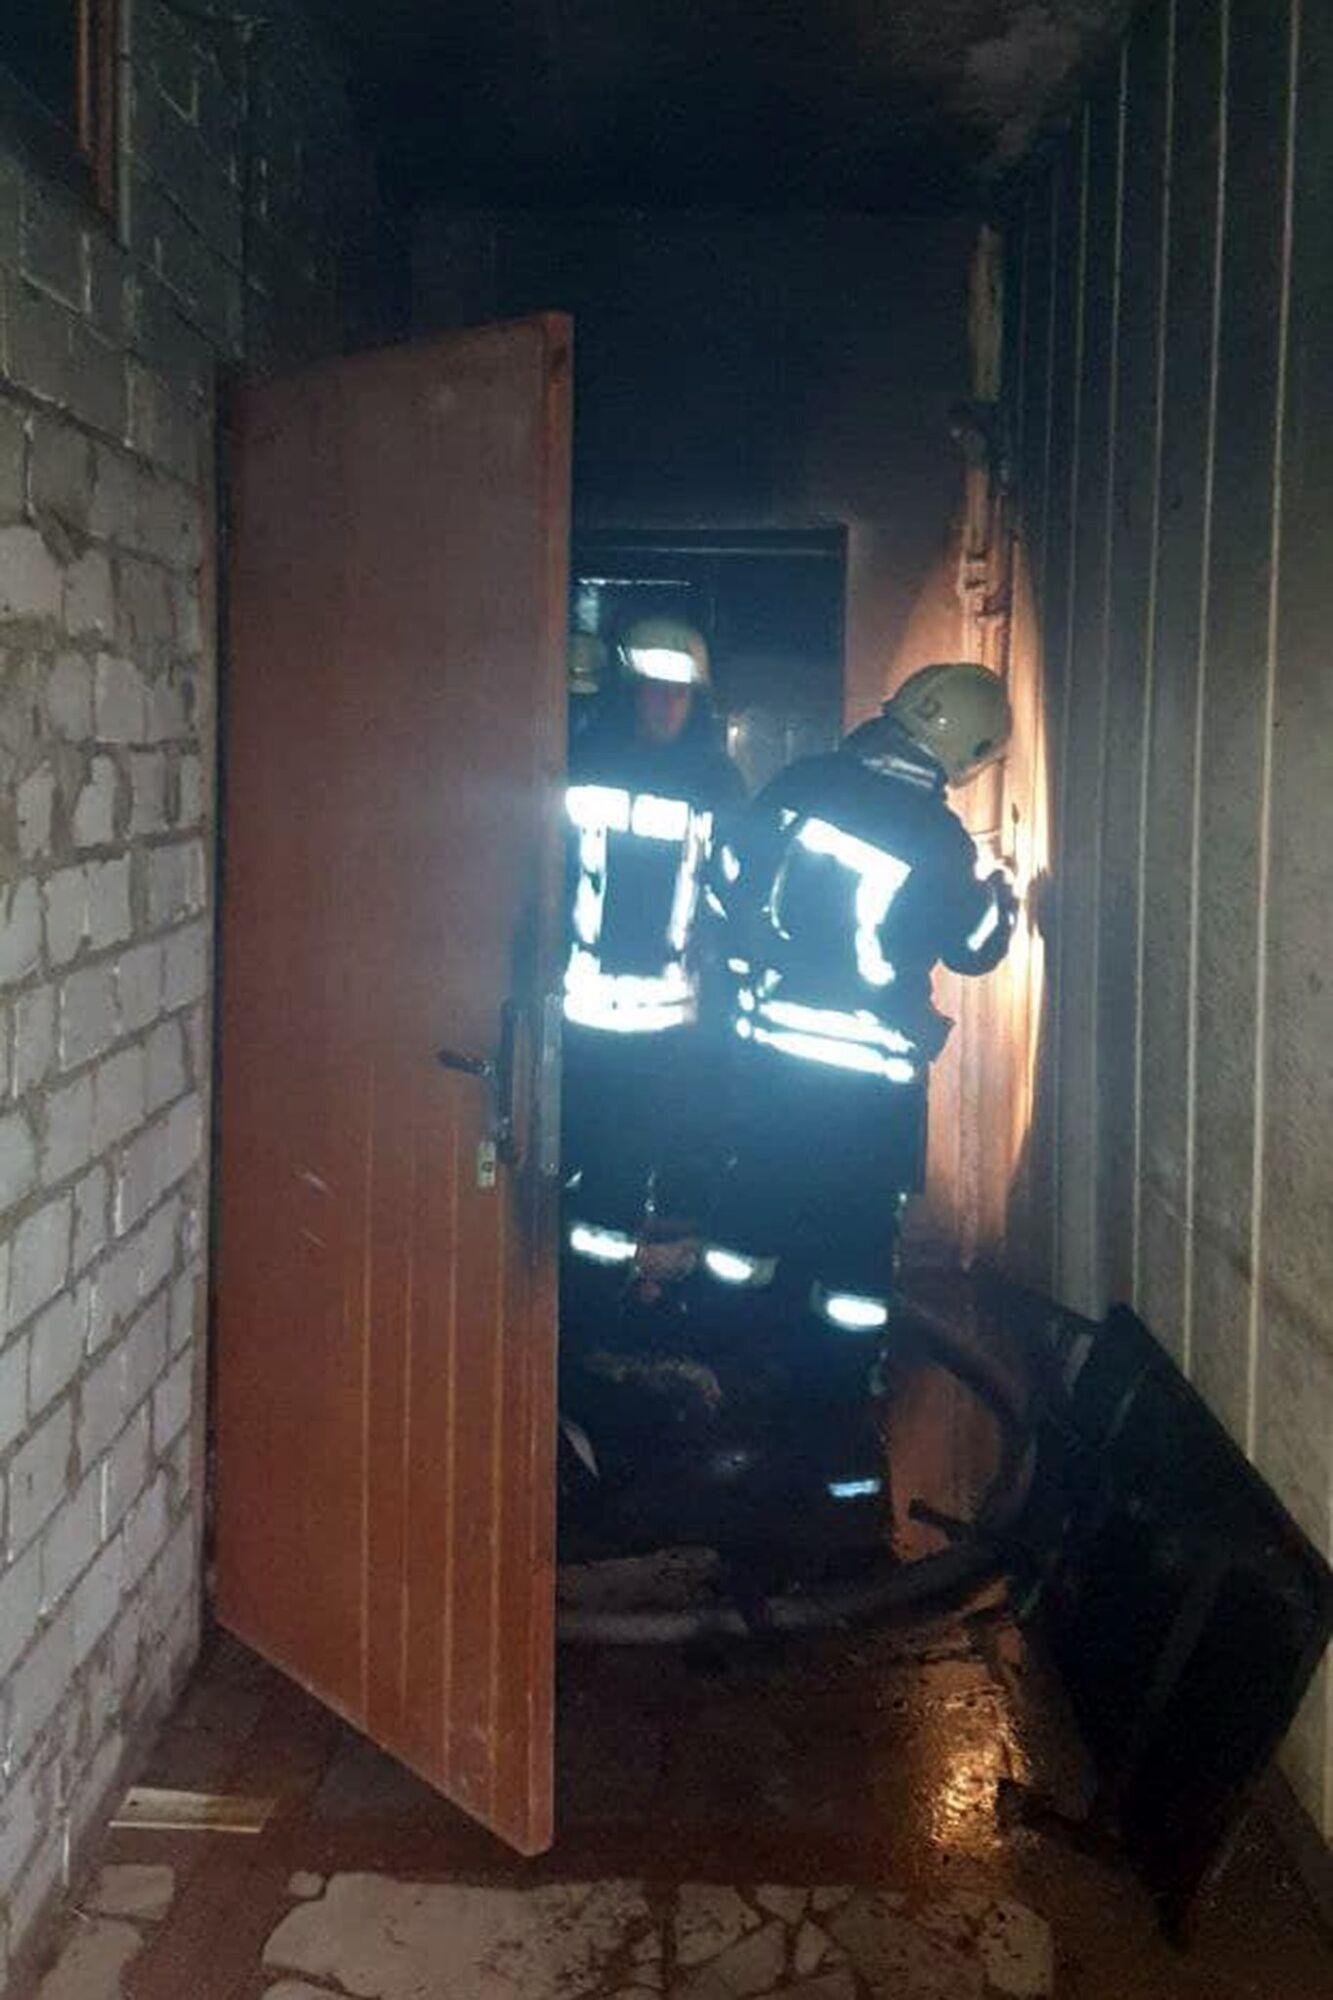 Спасатели затушили огонь в течение 20 минут.